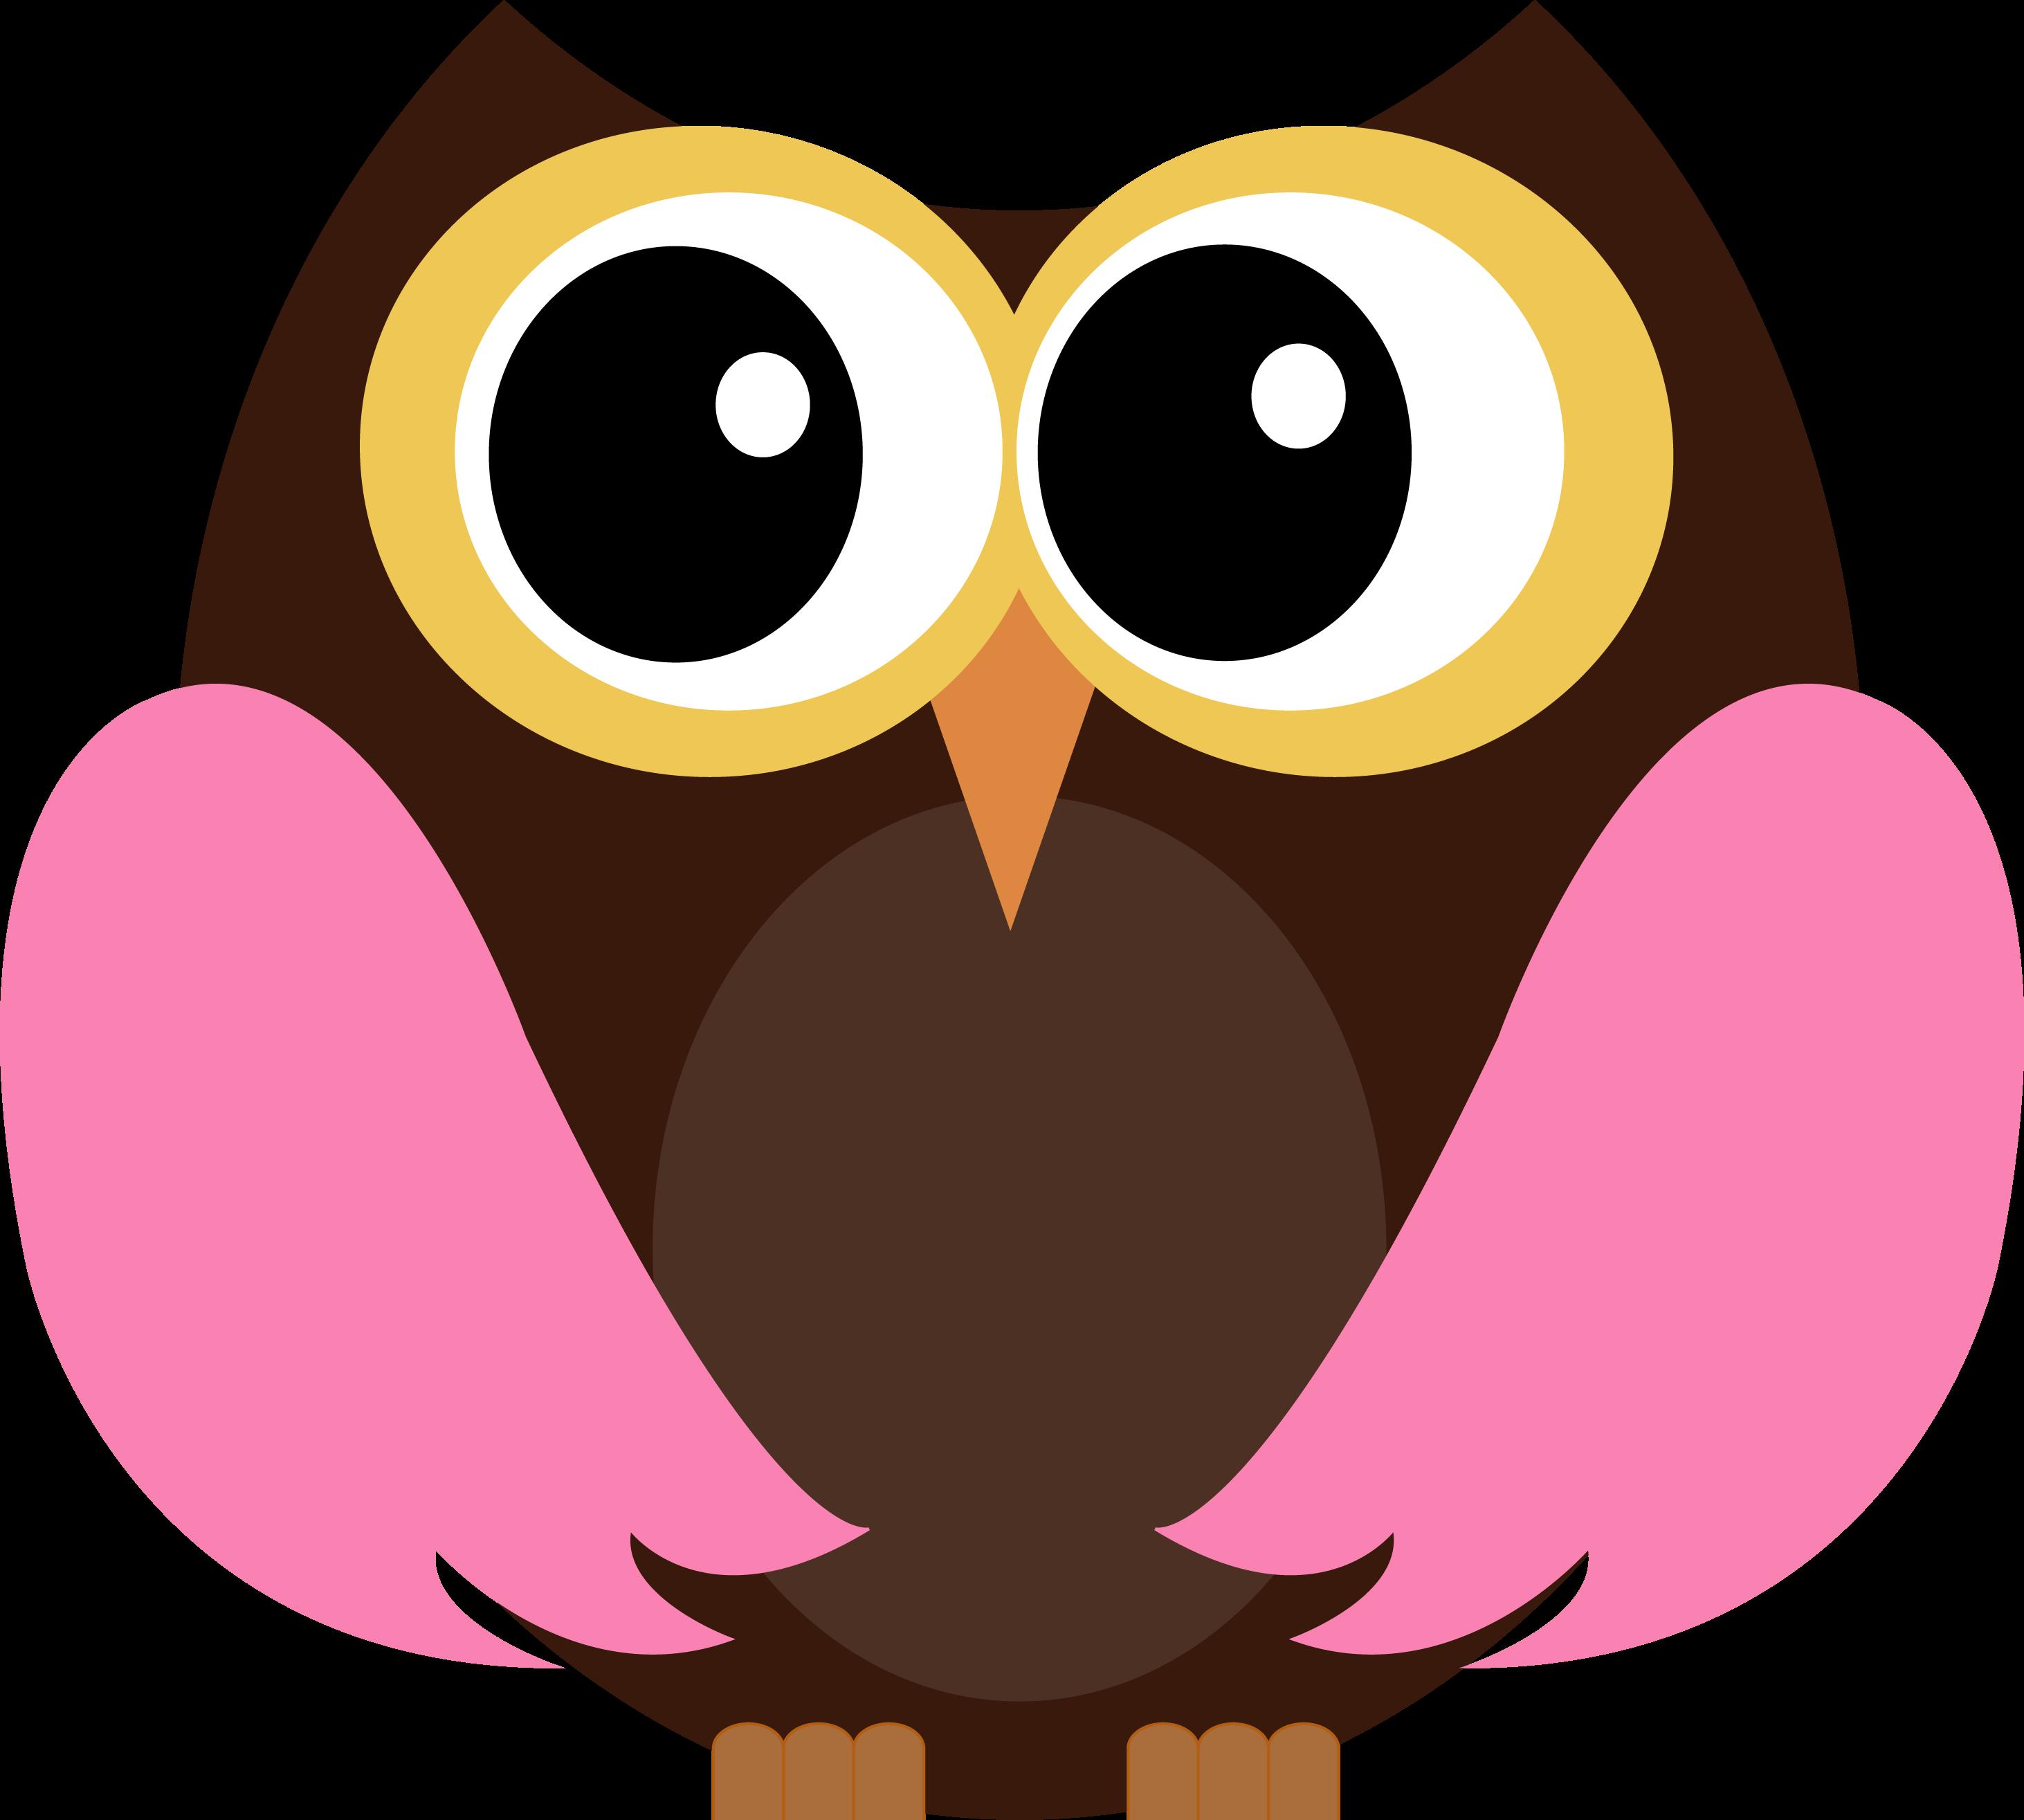 Daniellemoraesfalcao - Owls Owl Clip Art Crafts